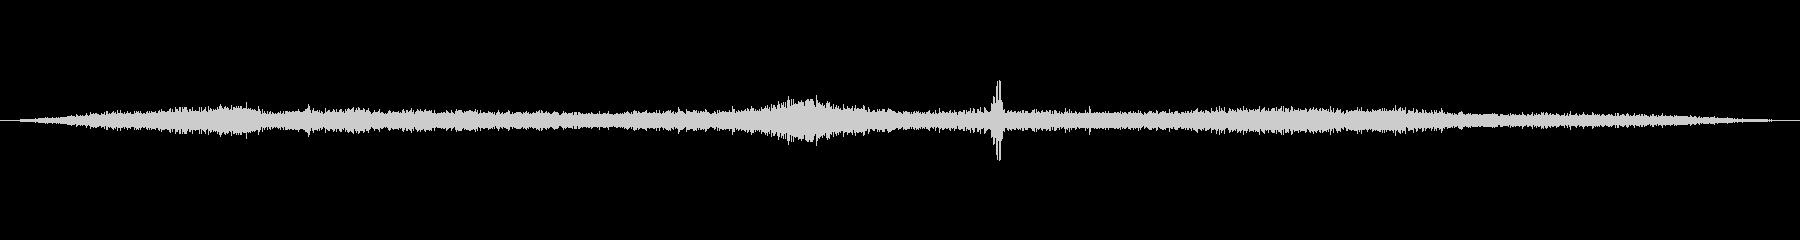 交差点の音4の未再生の波形